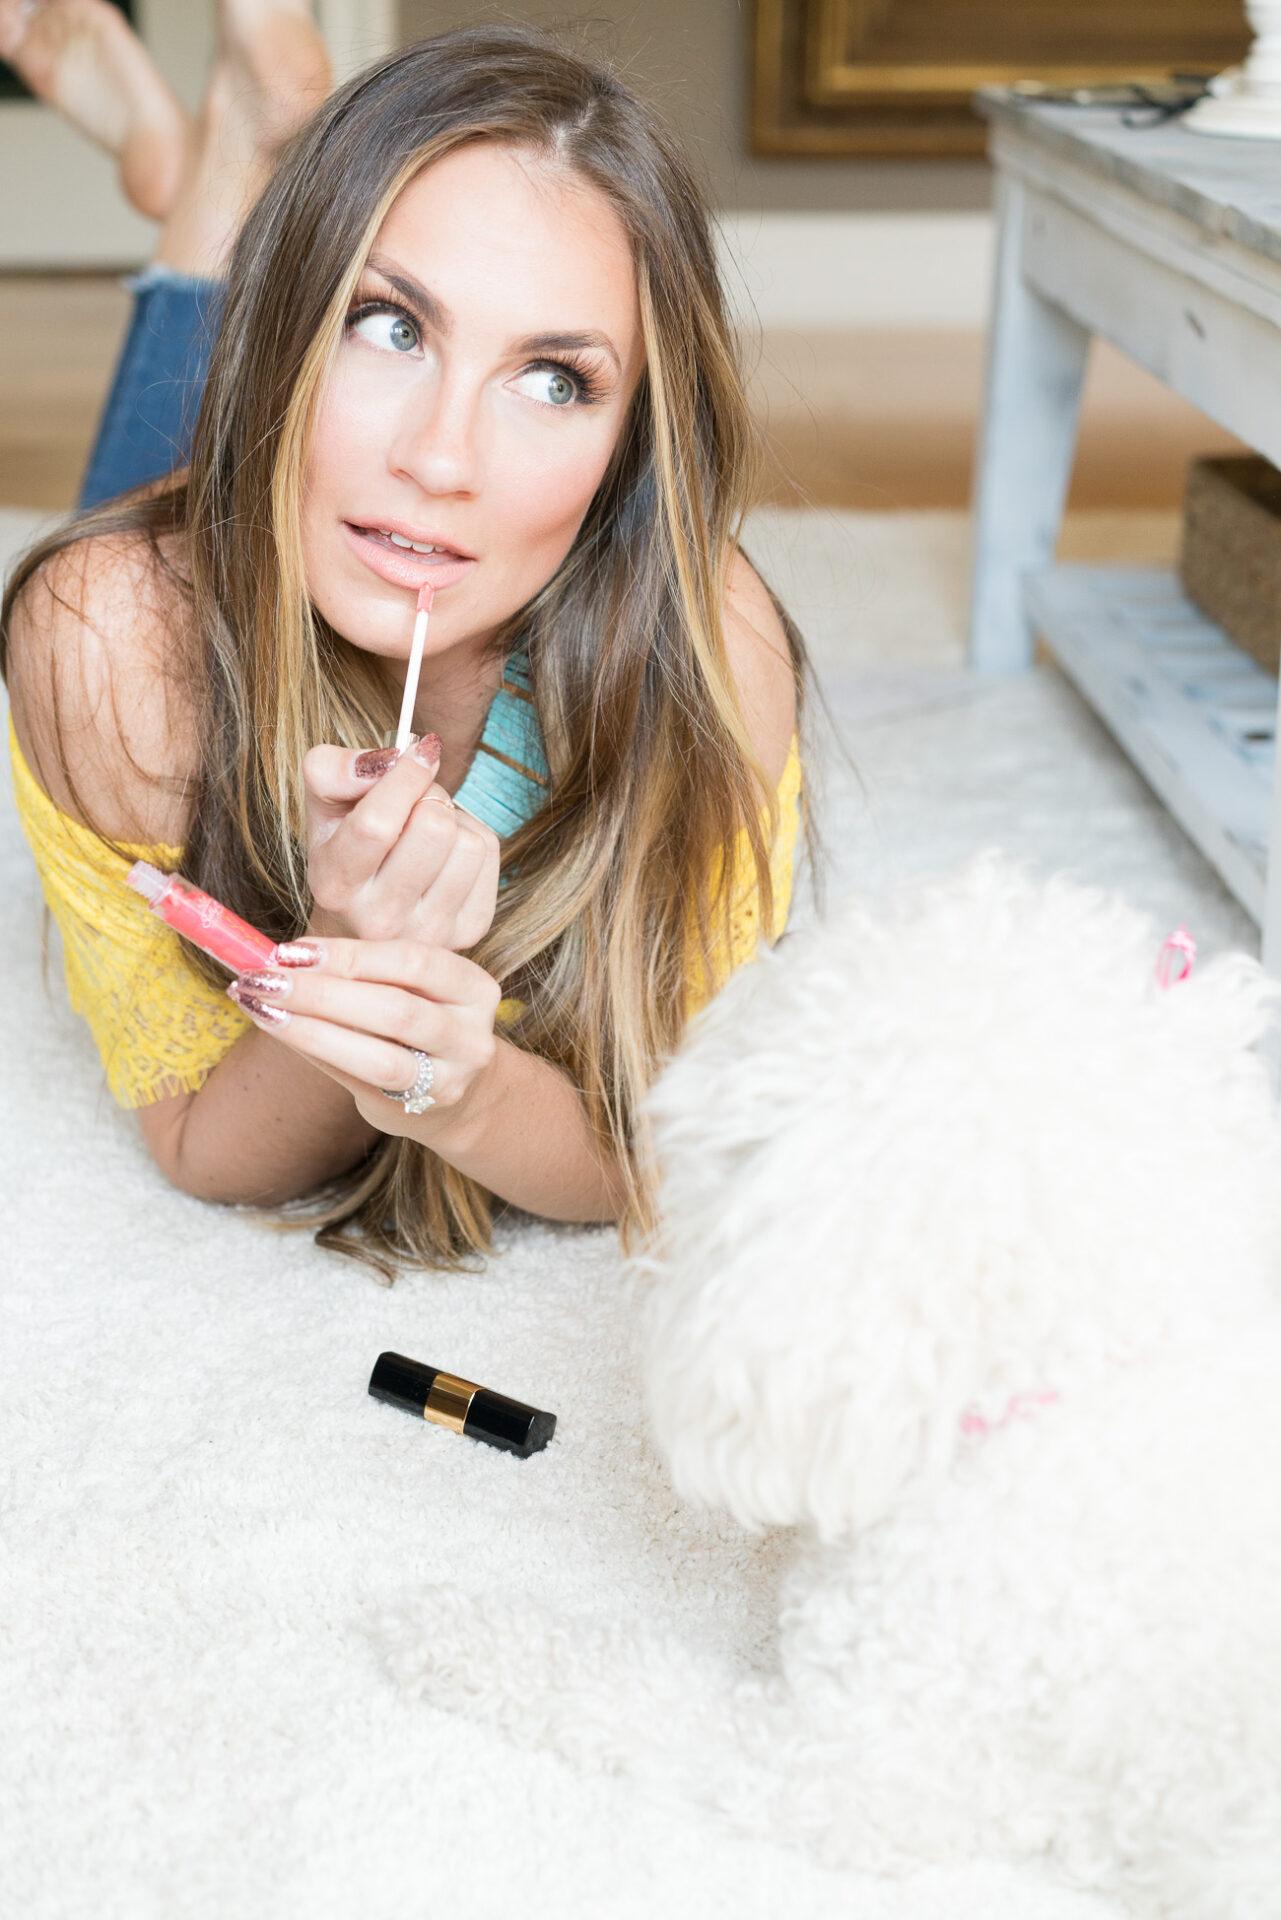 EWG Verified Sally B's Lip Gloss Angela Lanter Hello Gorgeous